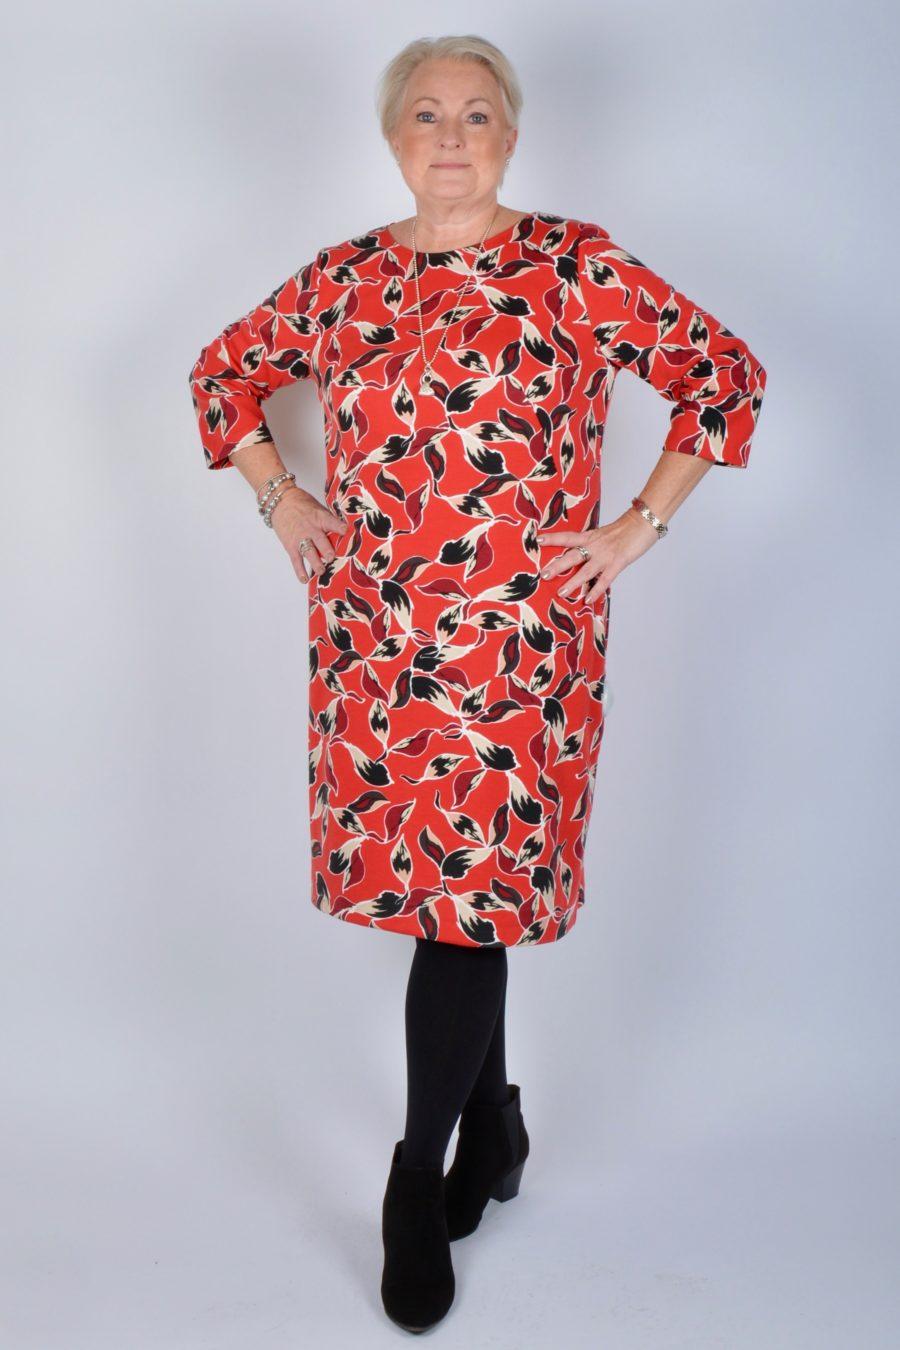 5bb7c5f21b5e Välj gärna en röd klänning, jacka eller topp. Det signalerar makt och  styrka. Glöm inte att fixa frisyren och sminka dig snyggt och toppa med ett  par stora ...